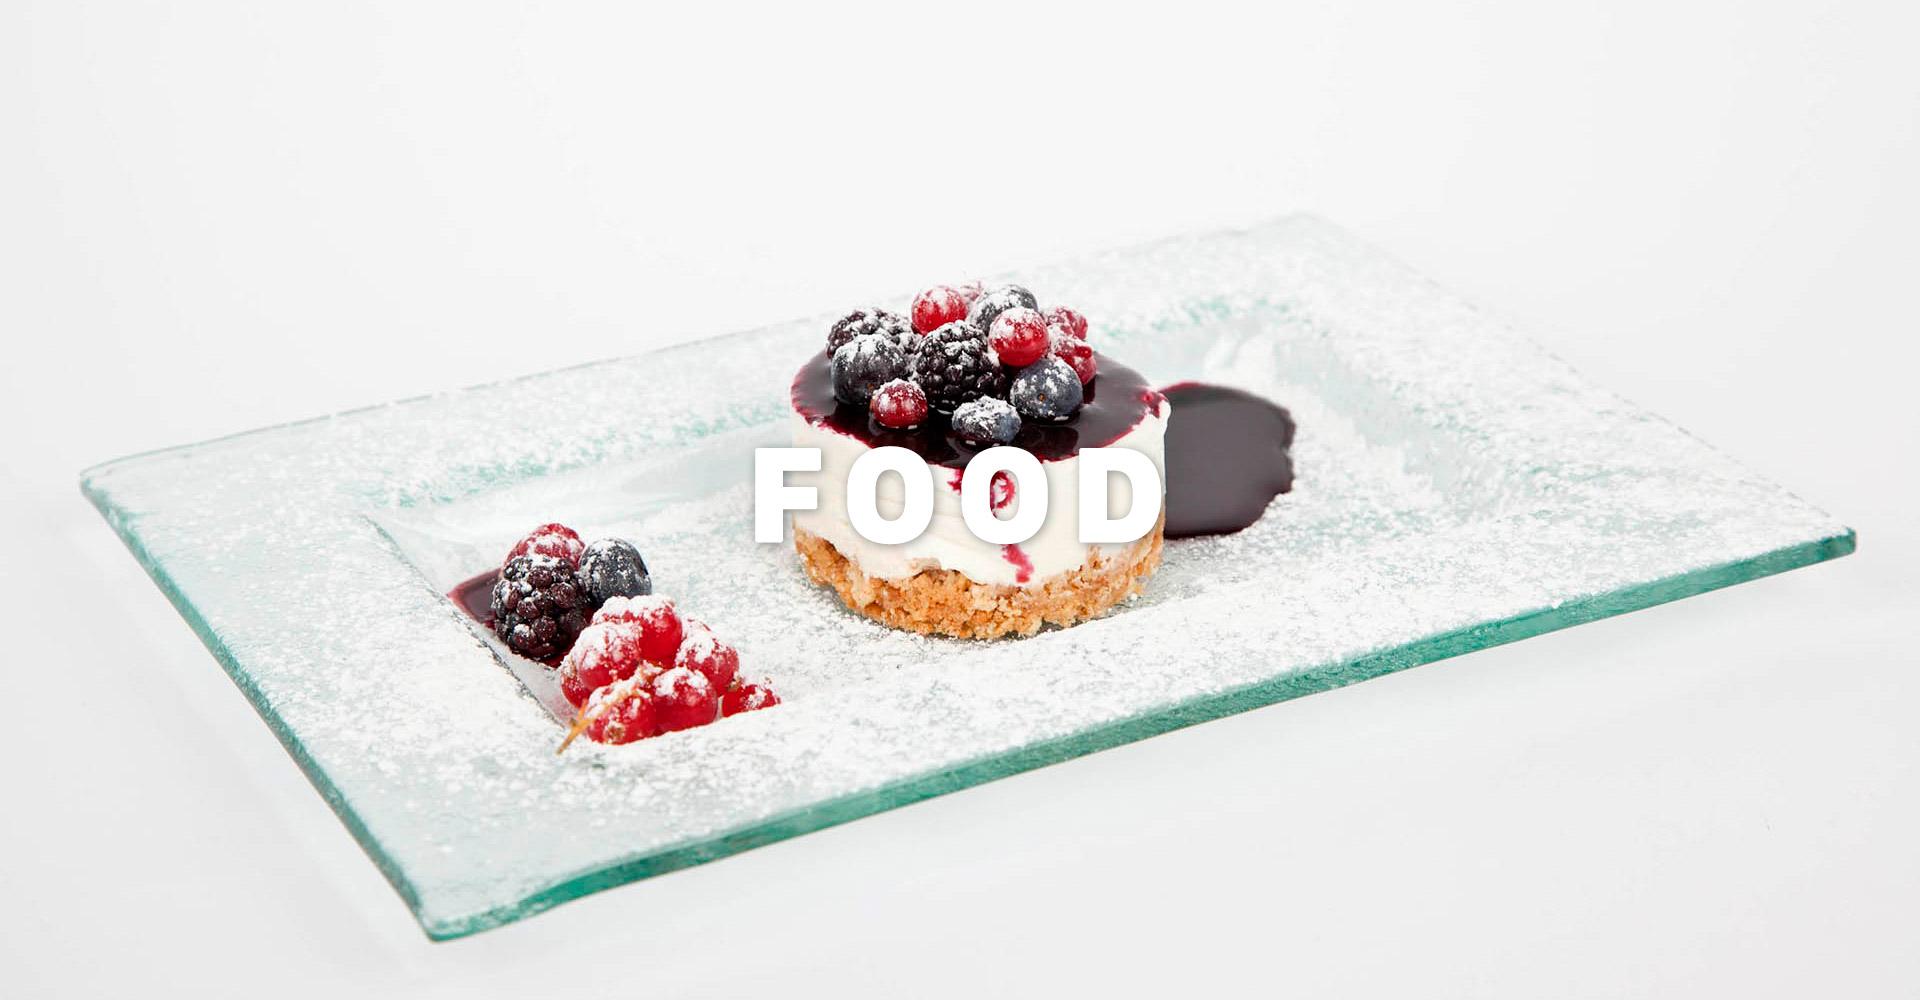 8food